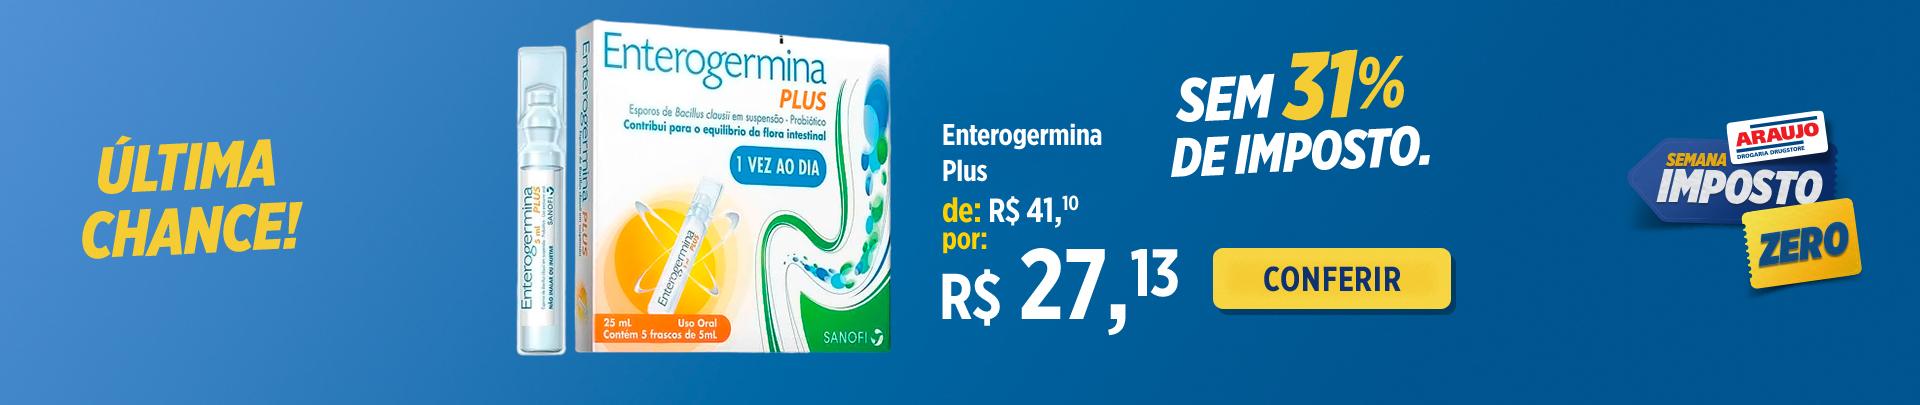 Enterogermina_Dli